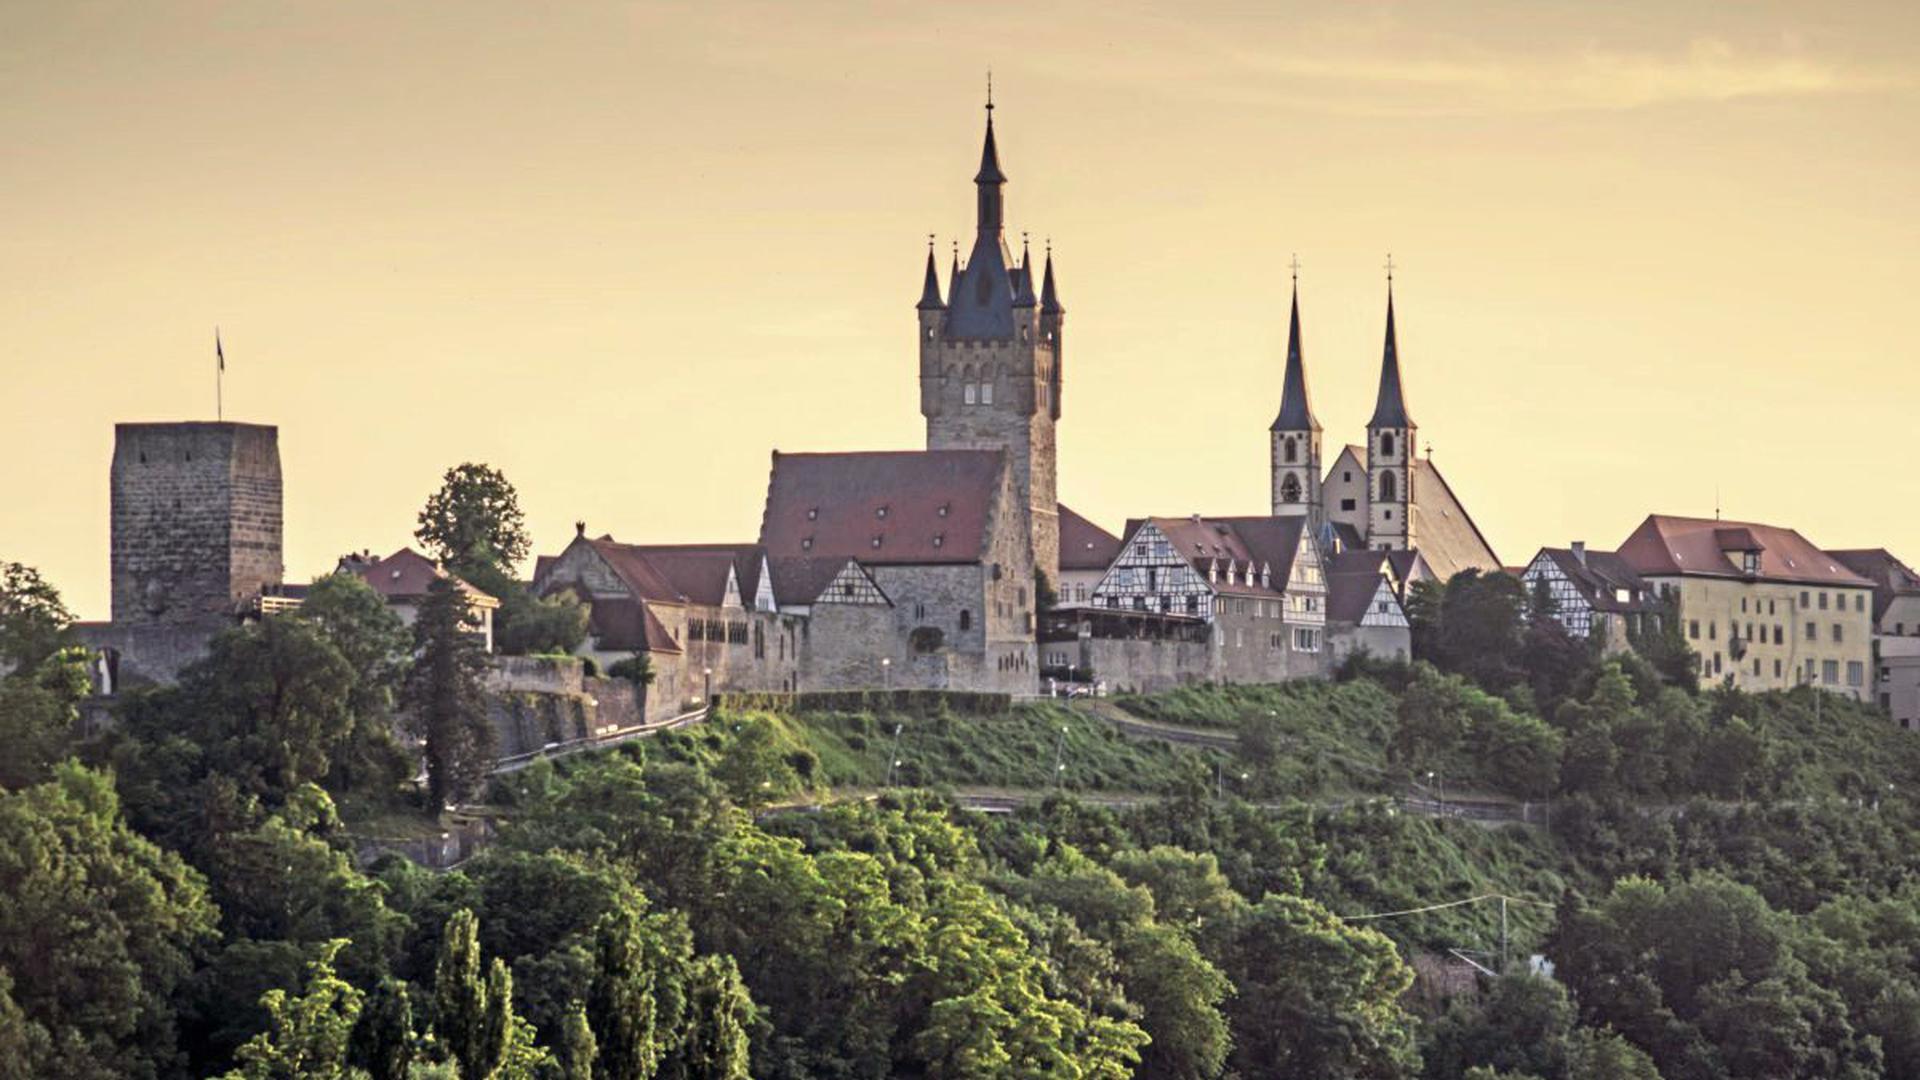 Der Neckarsteig führt bis nach Bad Wimpfen mit seiner turmgekrönten Kulisse.